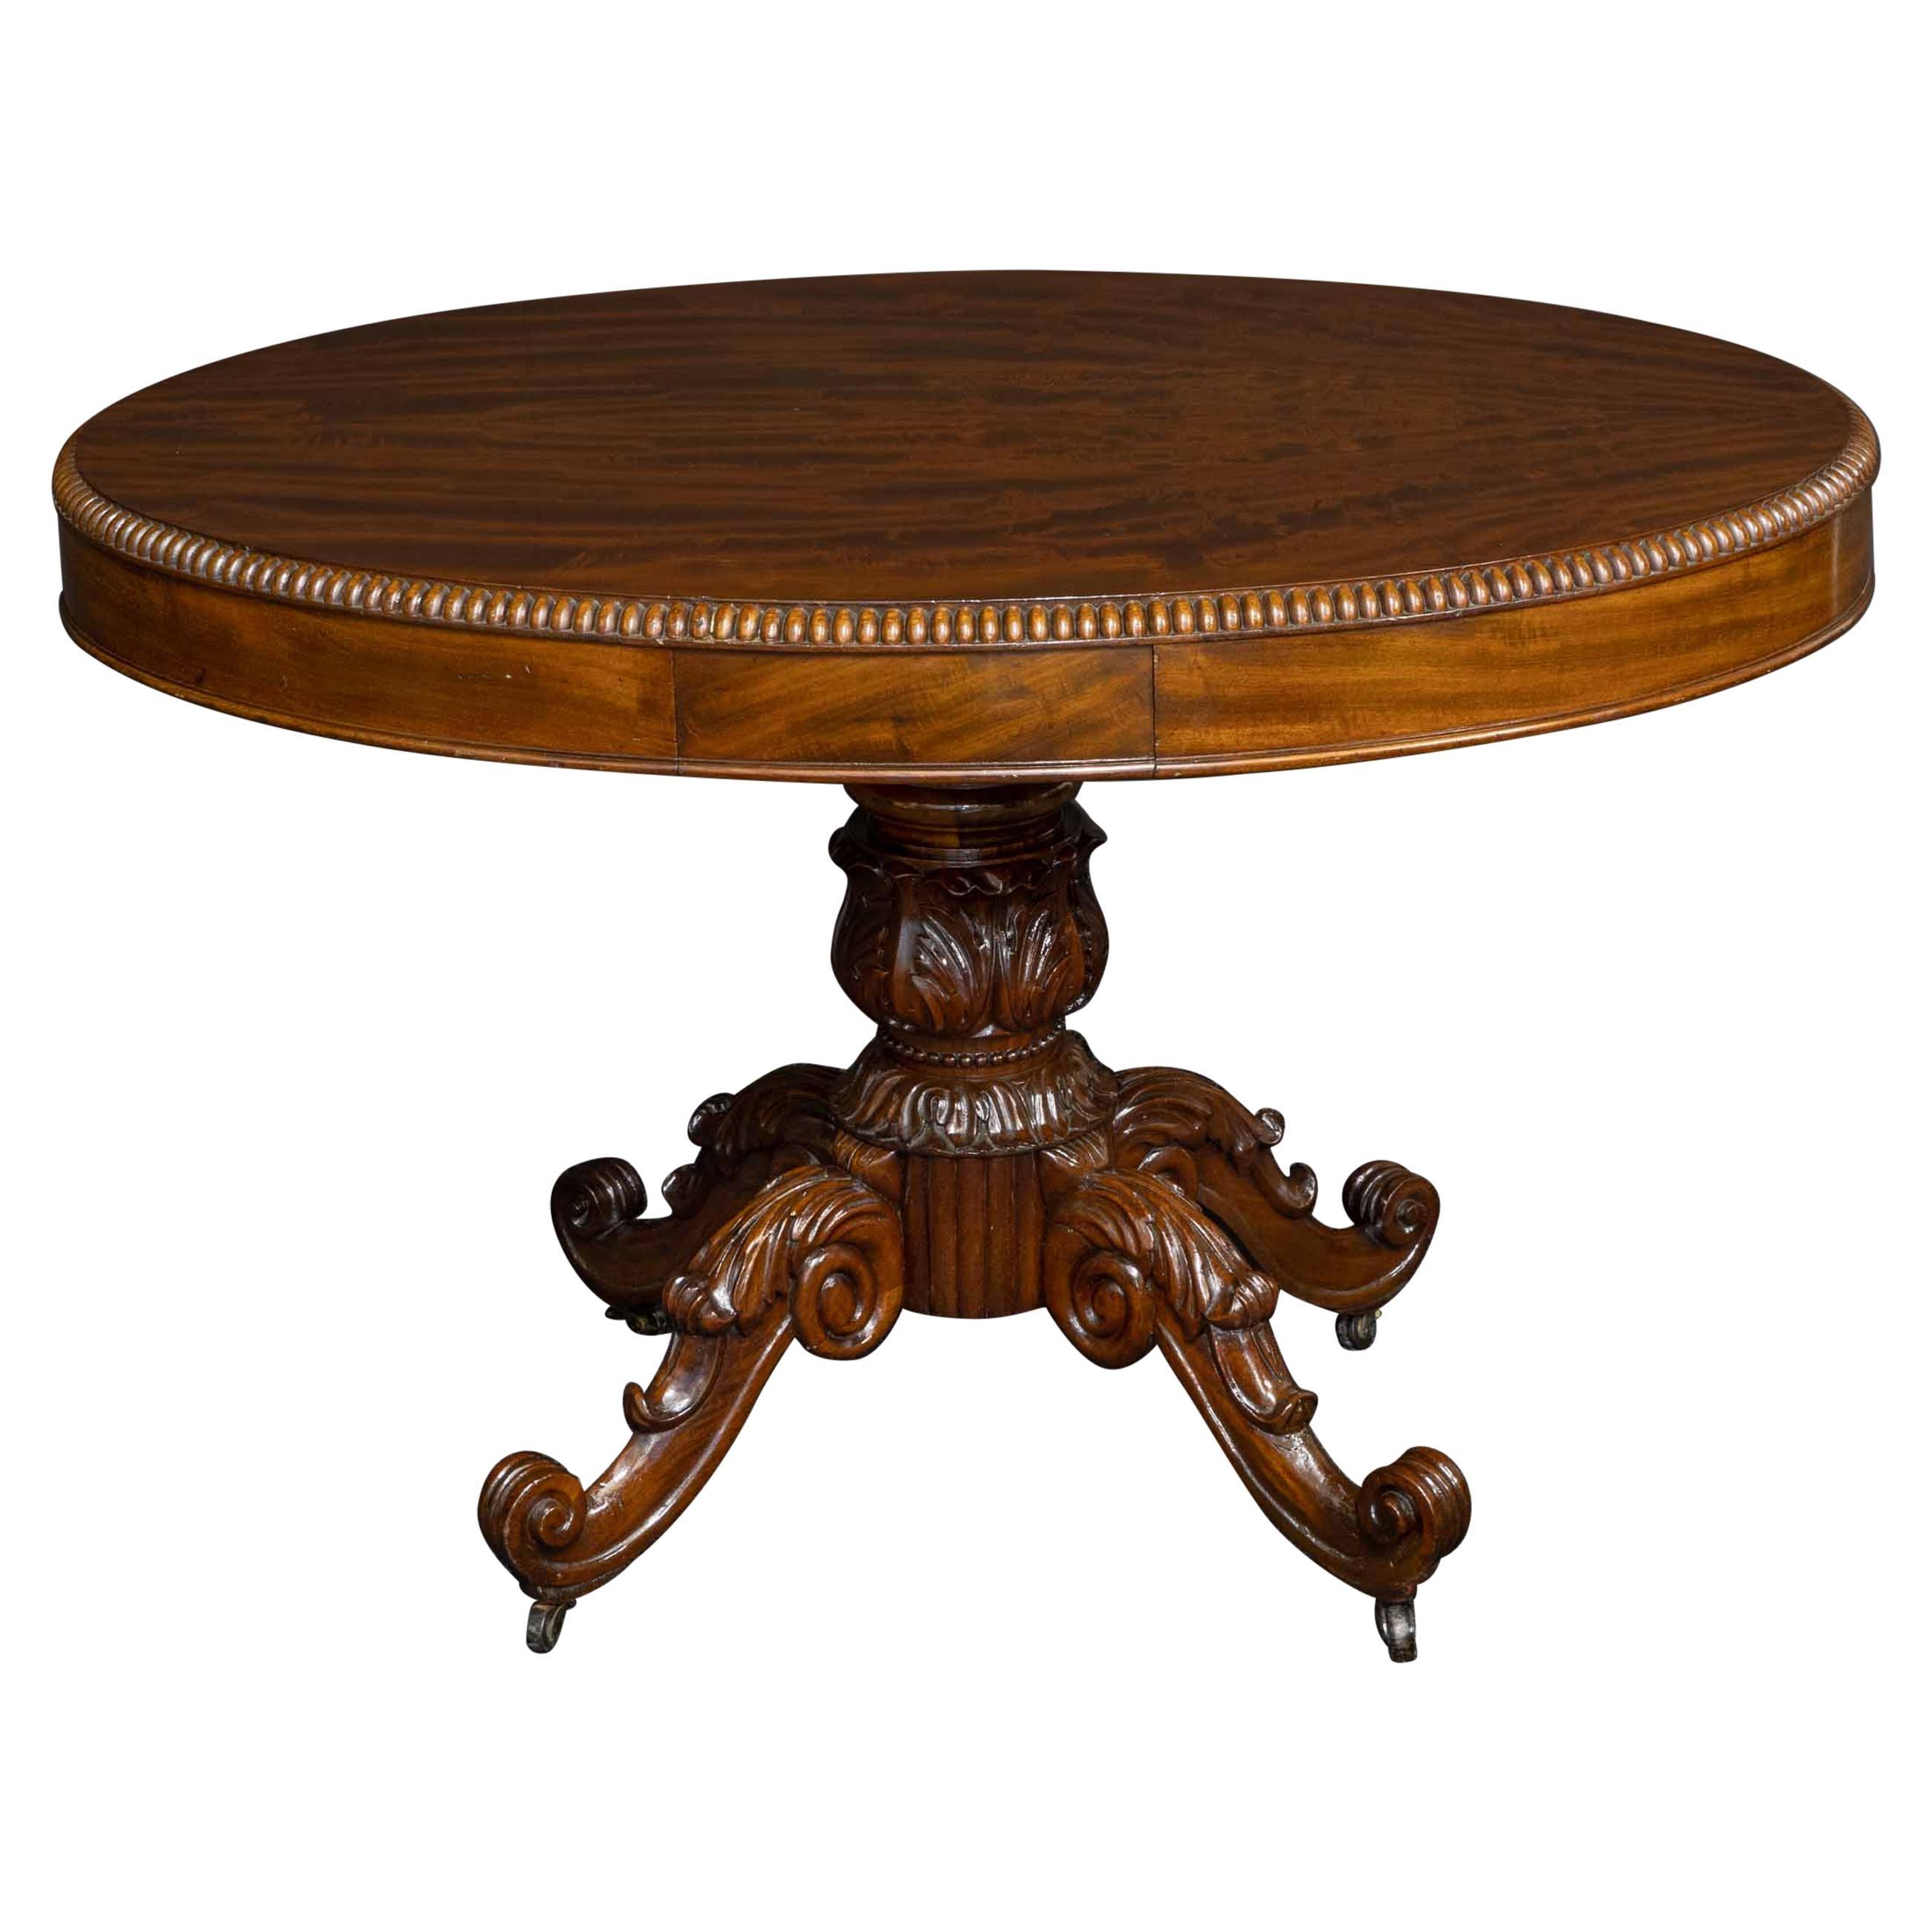 Mid-19th Century French Mahogany Table